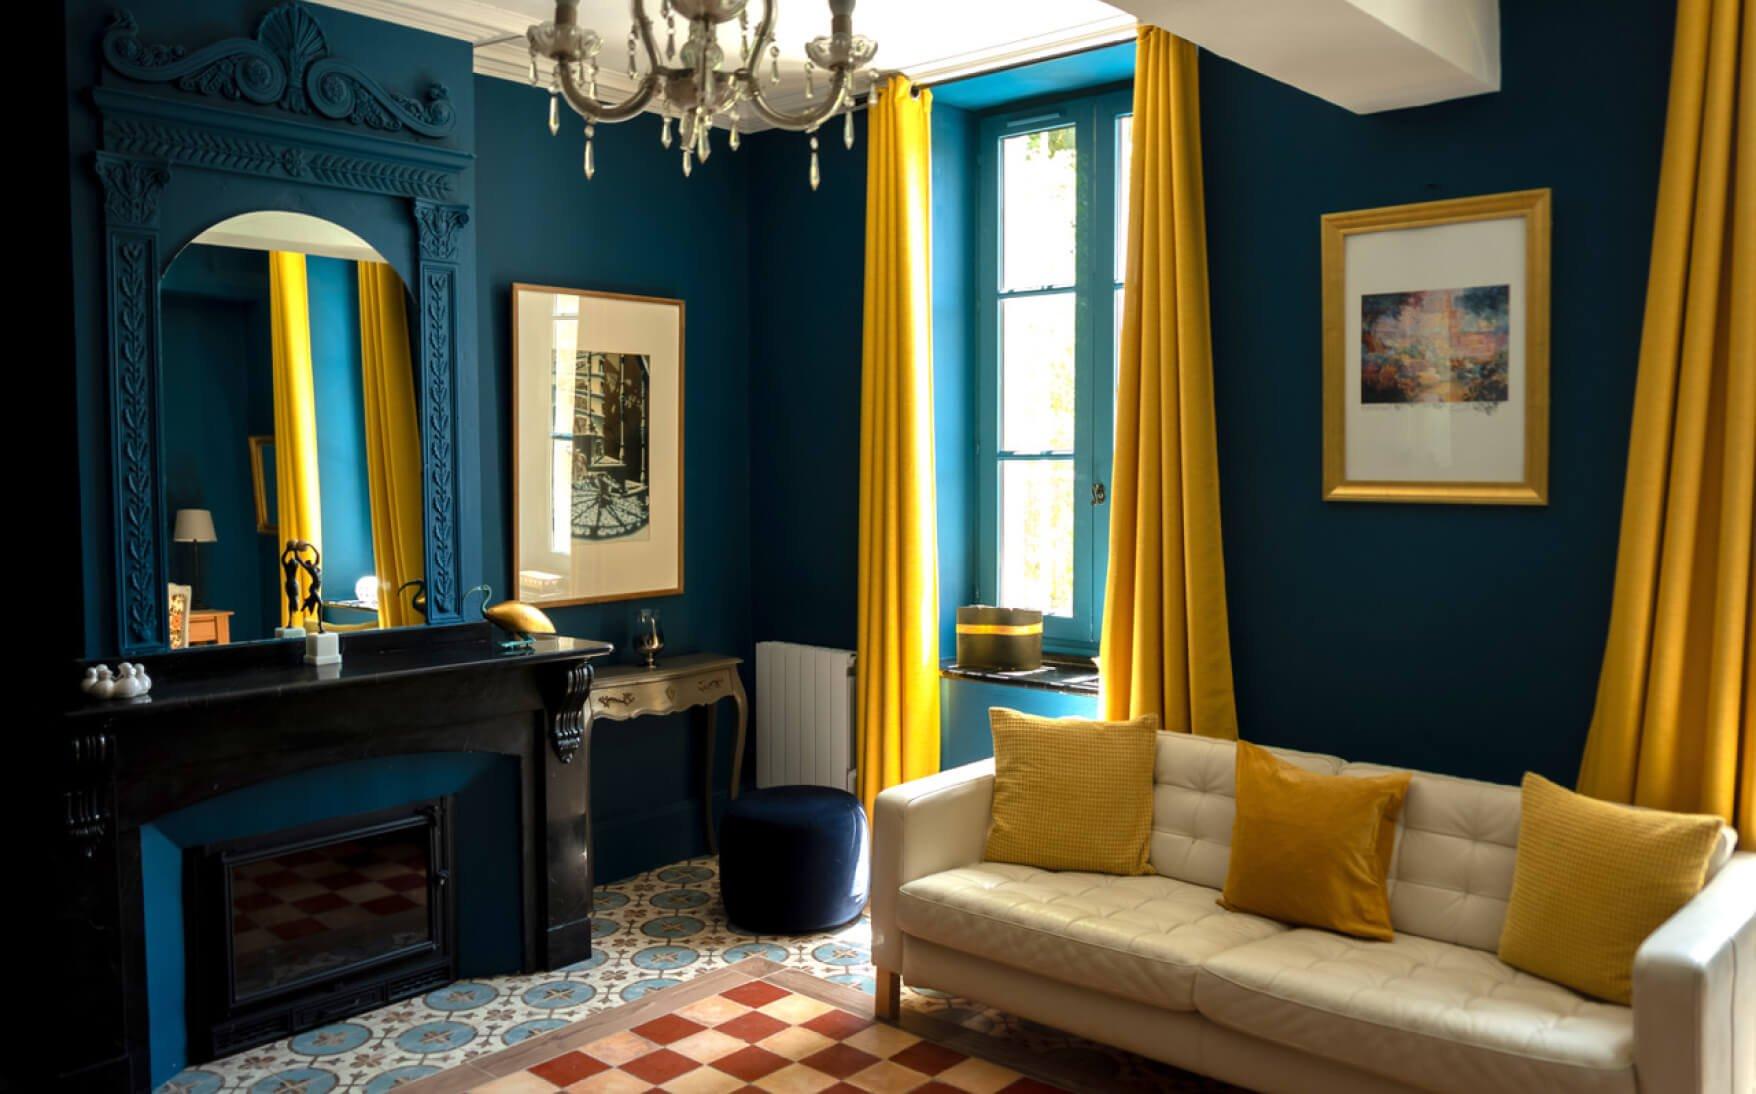 Lounge spaces La Maison